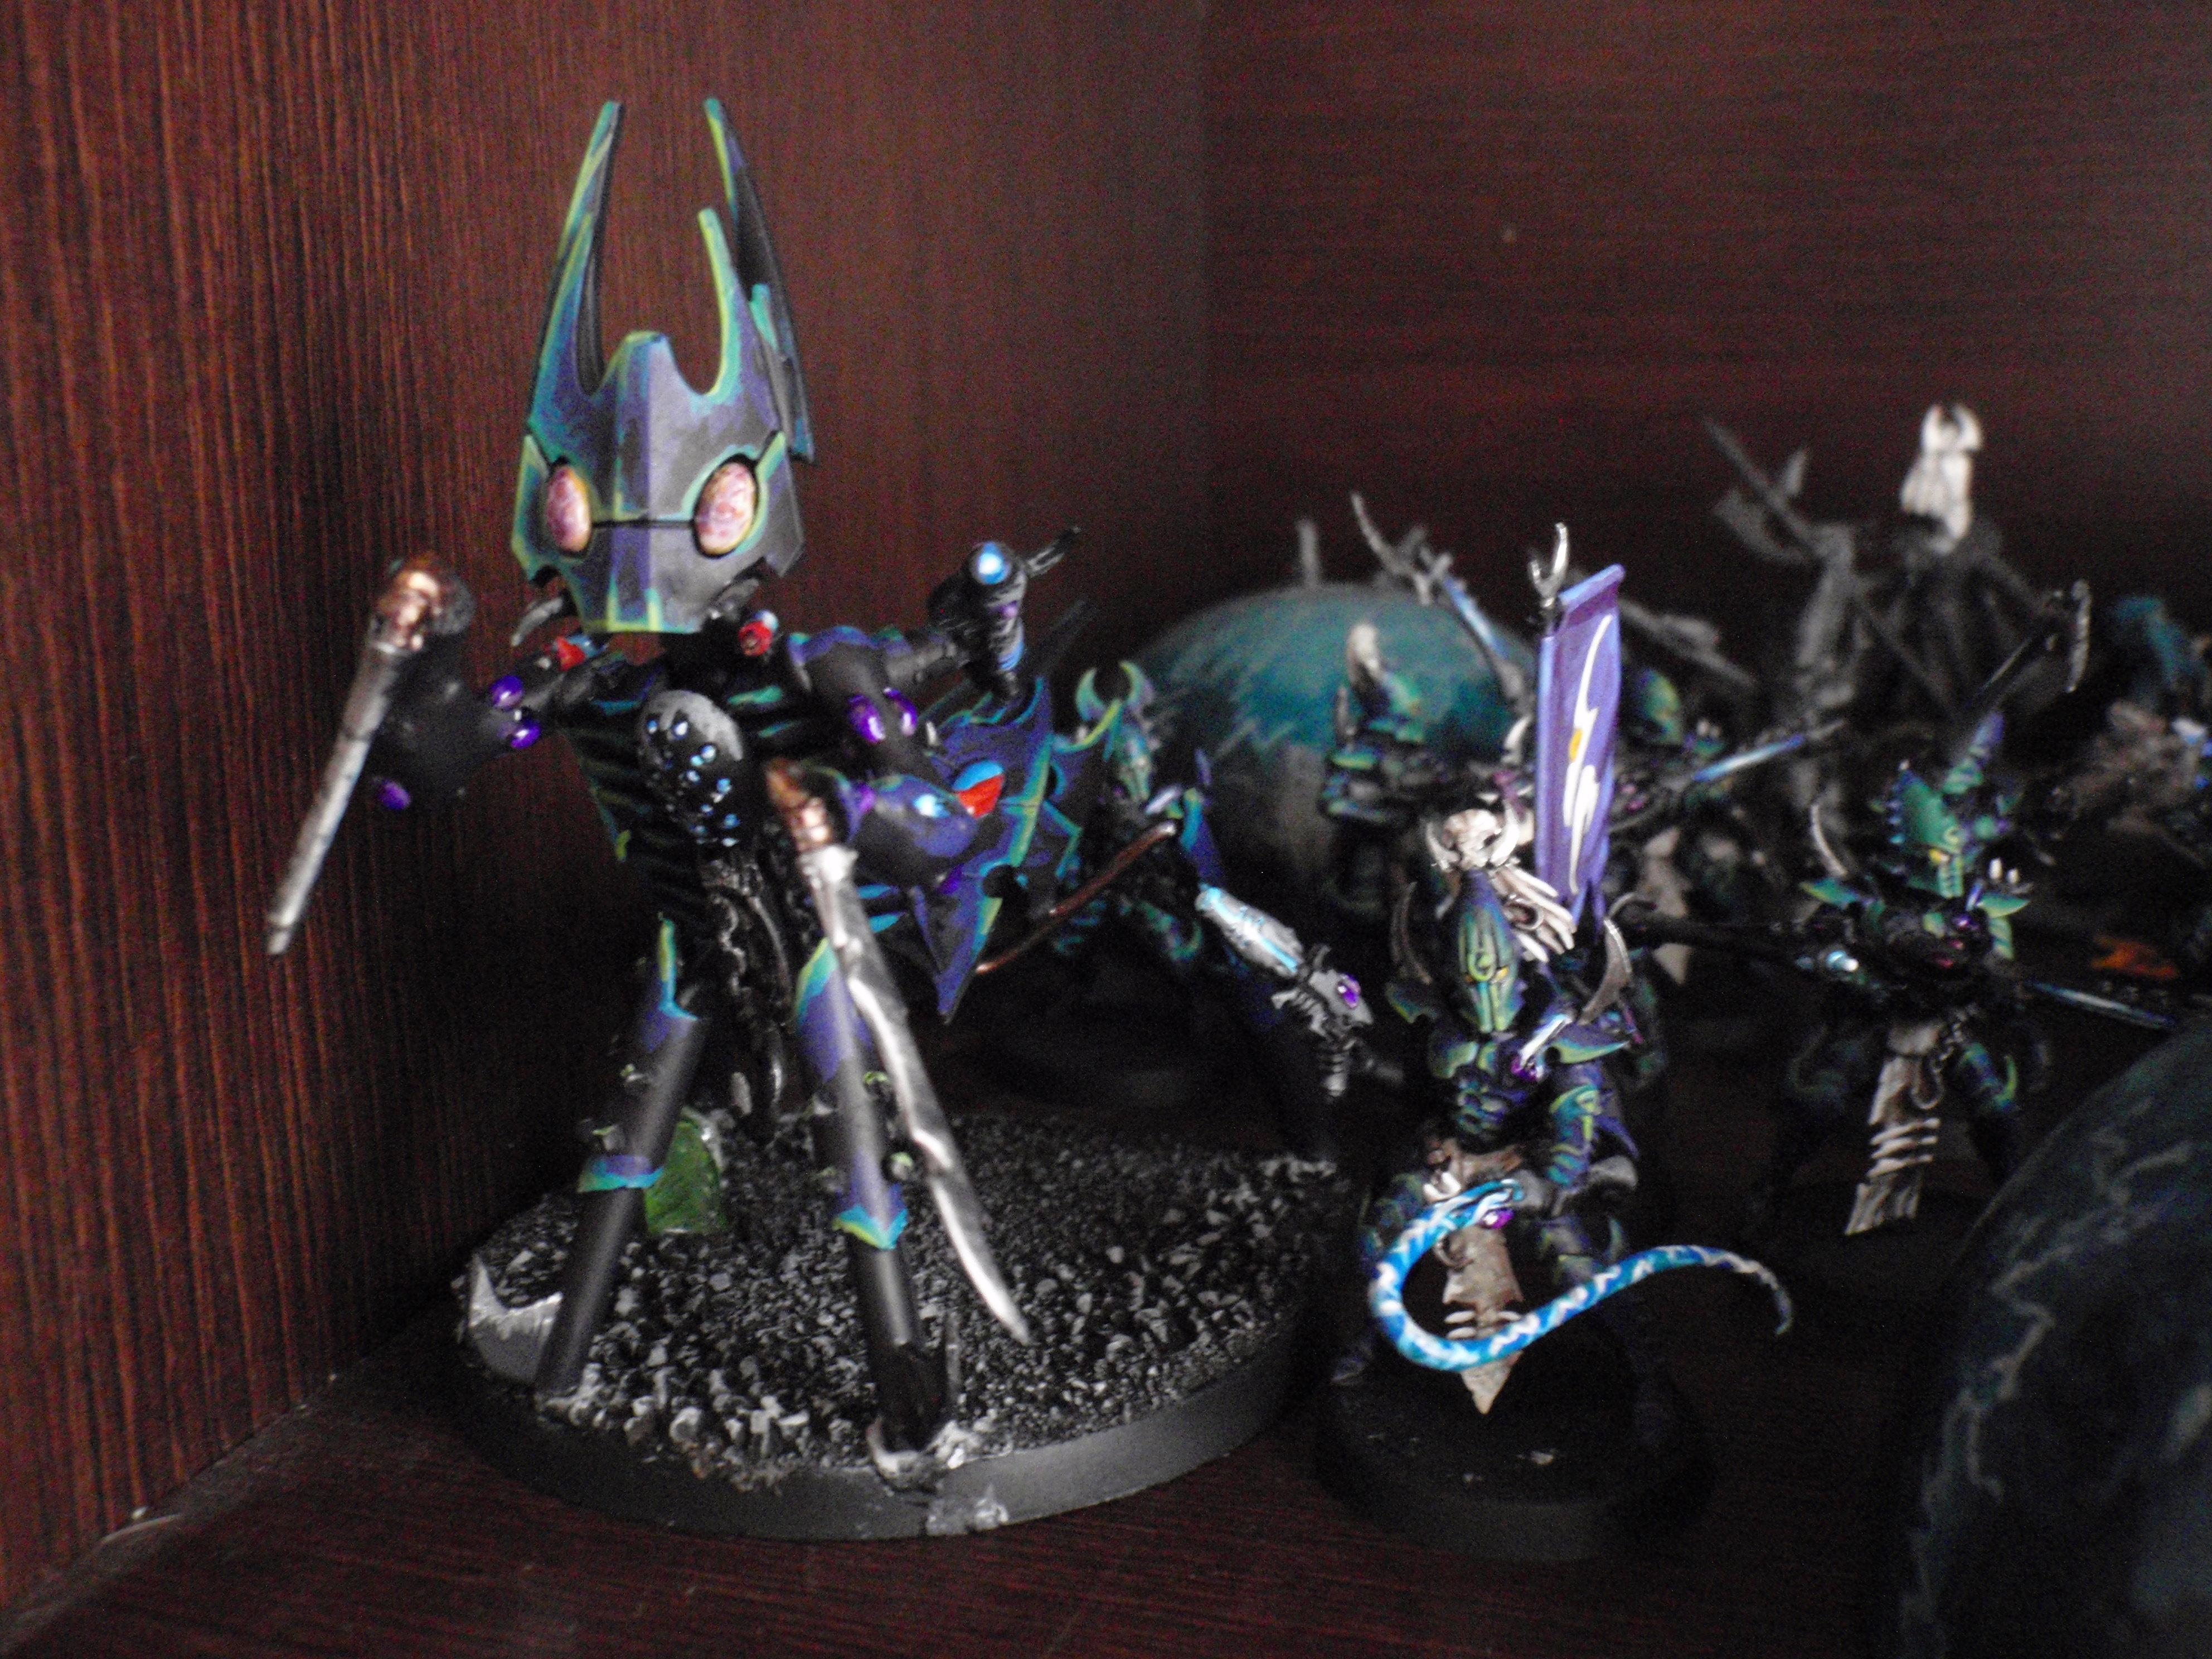 Chronos, Conversion, Dark Eldar, Mantid, Mantis